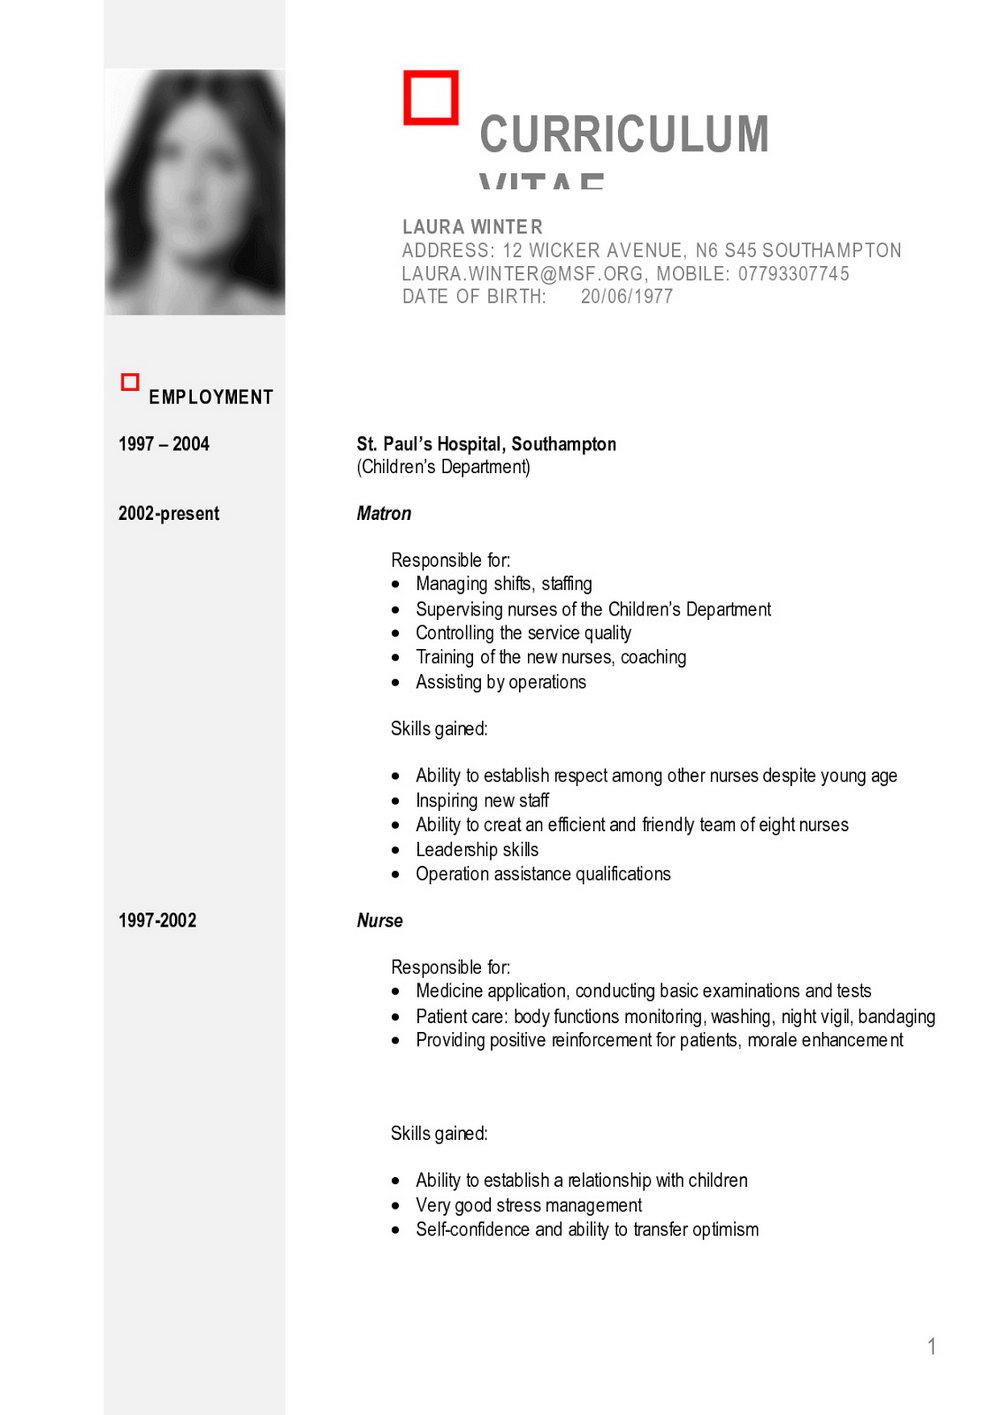 Curriculum Vitae Templates Pdf